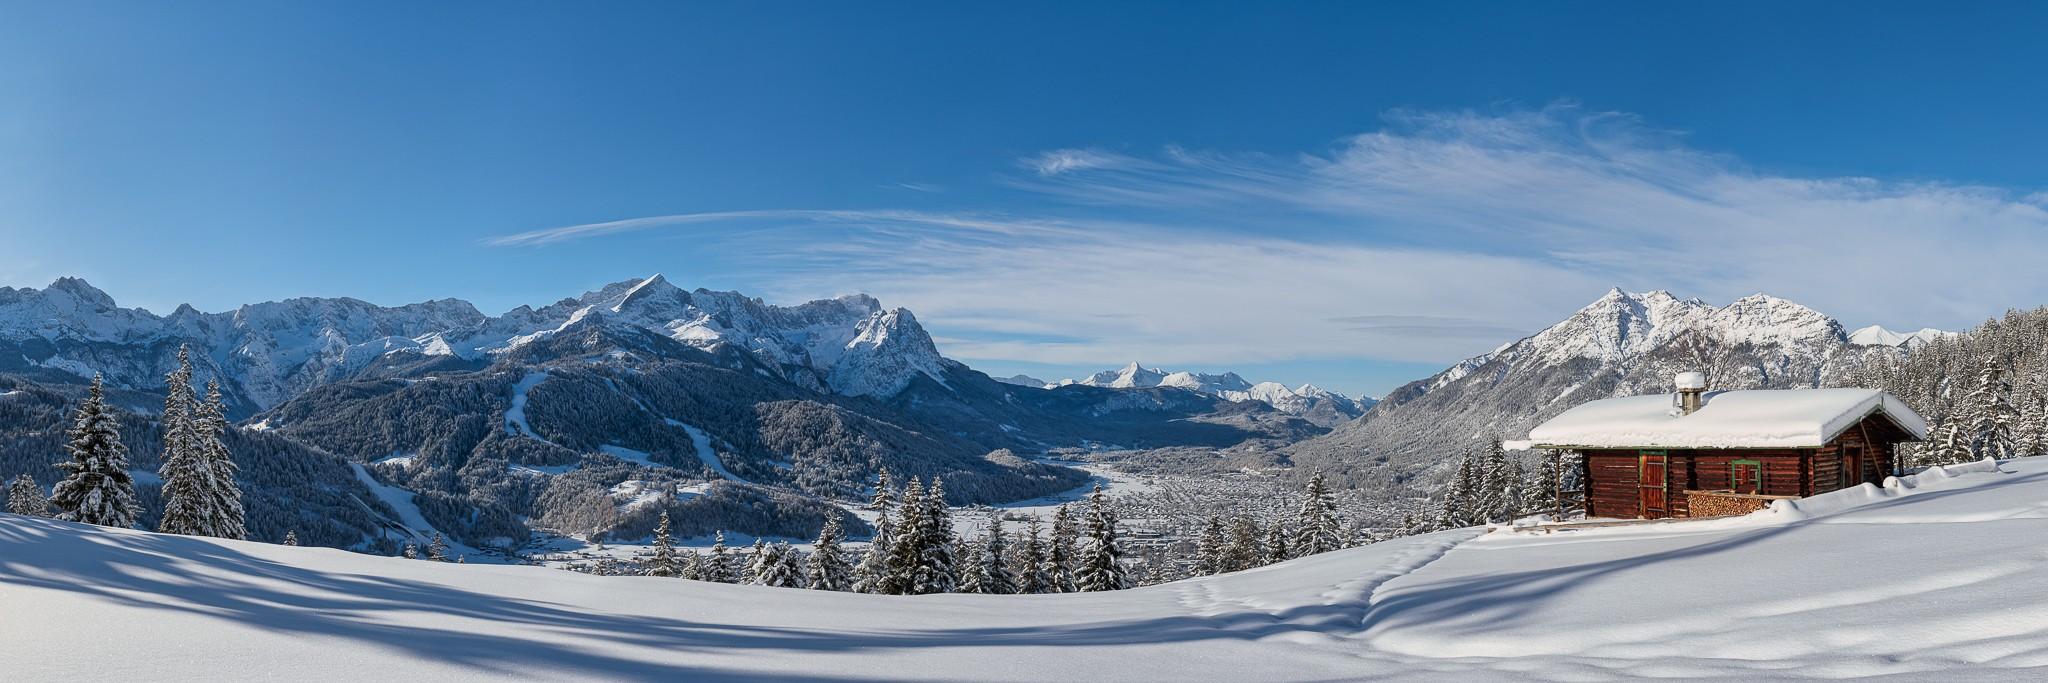 Winterlandschaft in Garmisch-Partenkirchen - Sonnenschein